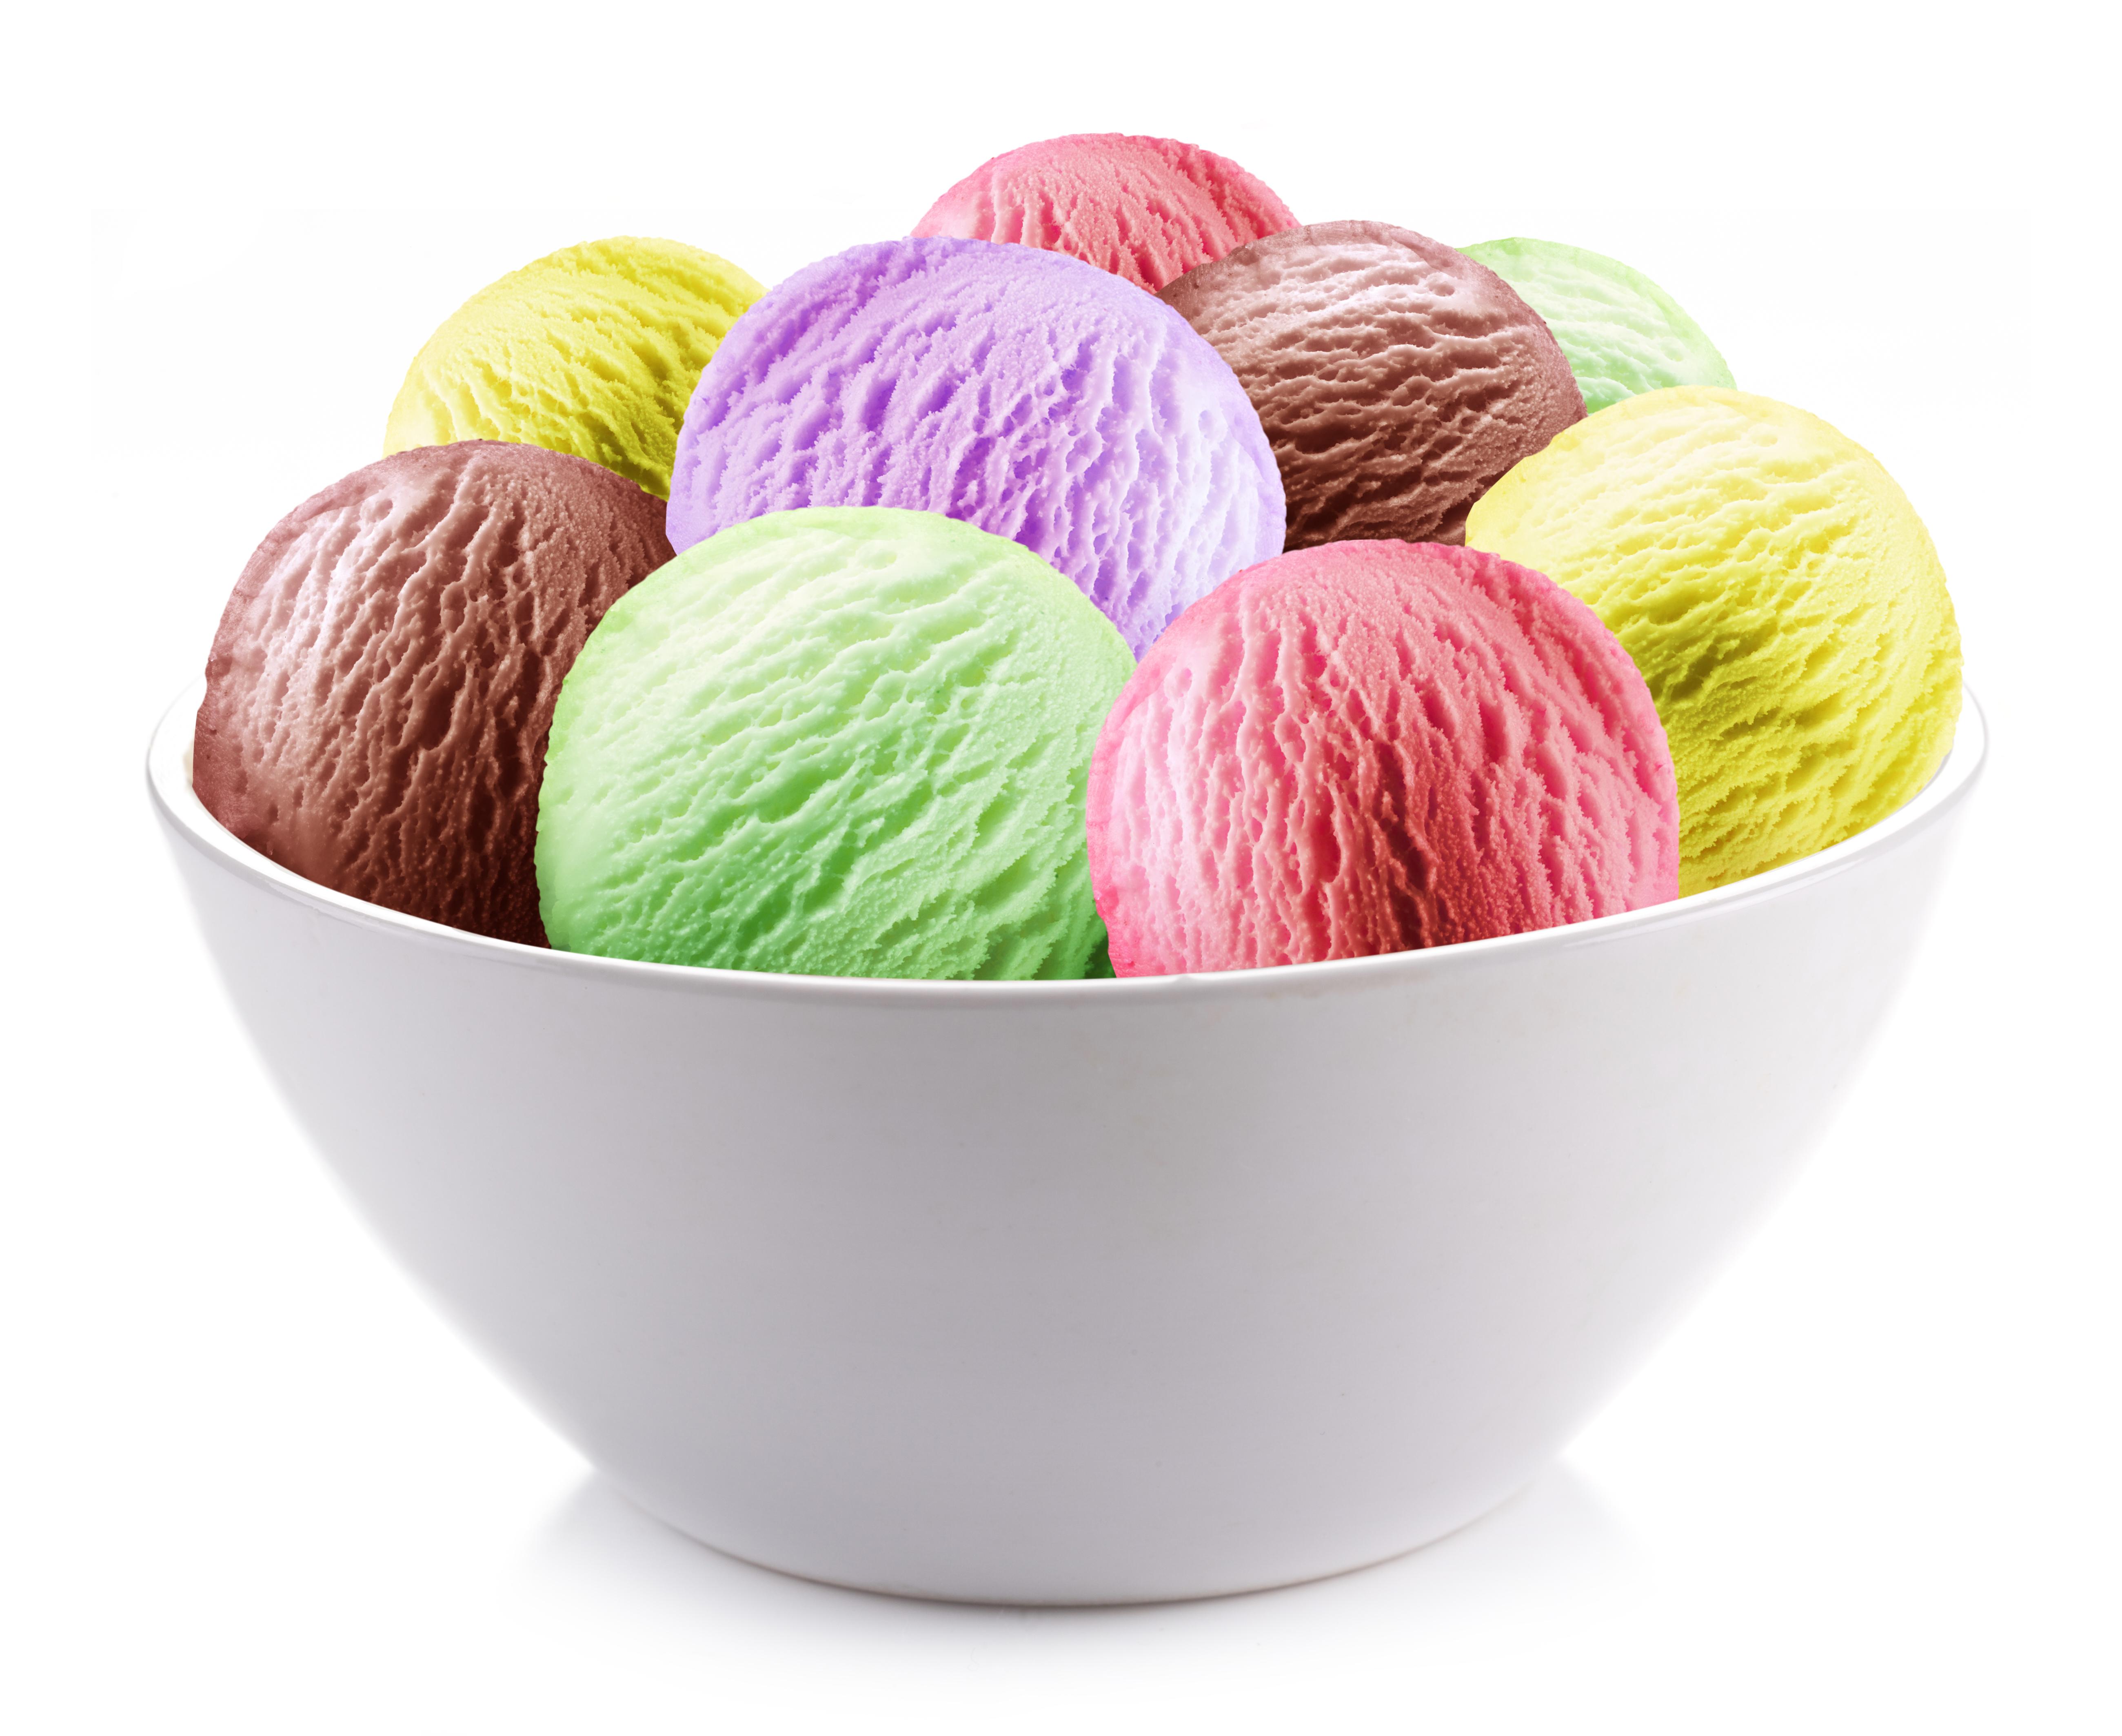 Обои для рабочего стола Разноцветные Мороженое Еда Шар белым фоном сладкая еда 5200x4255 Пища Шарики Продукты питания Сладости Белый фон белом фоне